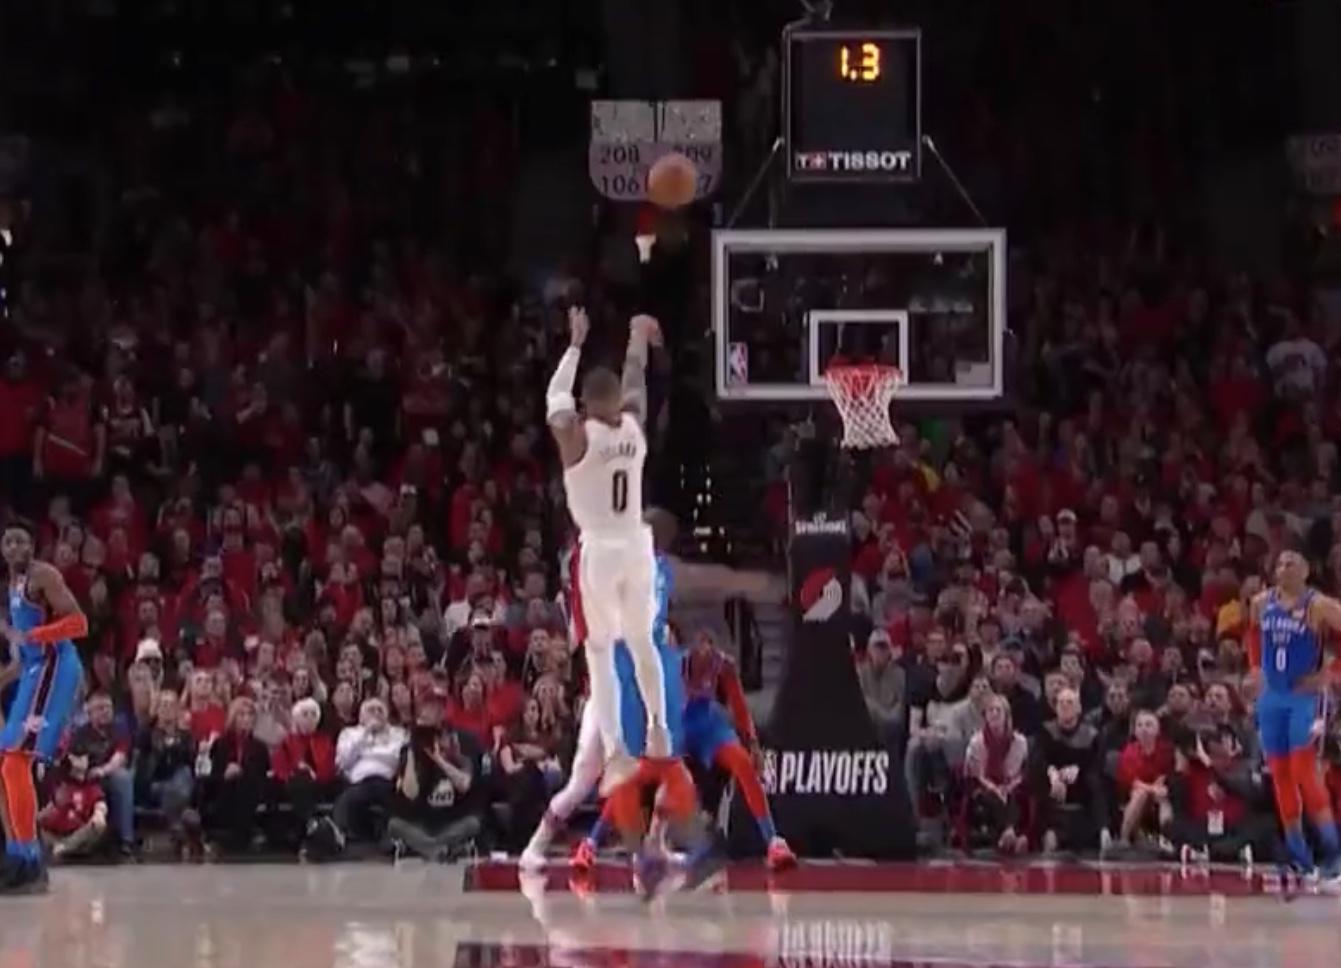 灯亮球进!利拉德第三节最后一攻连续变向后撤步压哨三分 NBA新闻